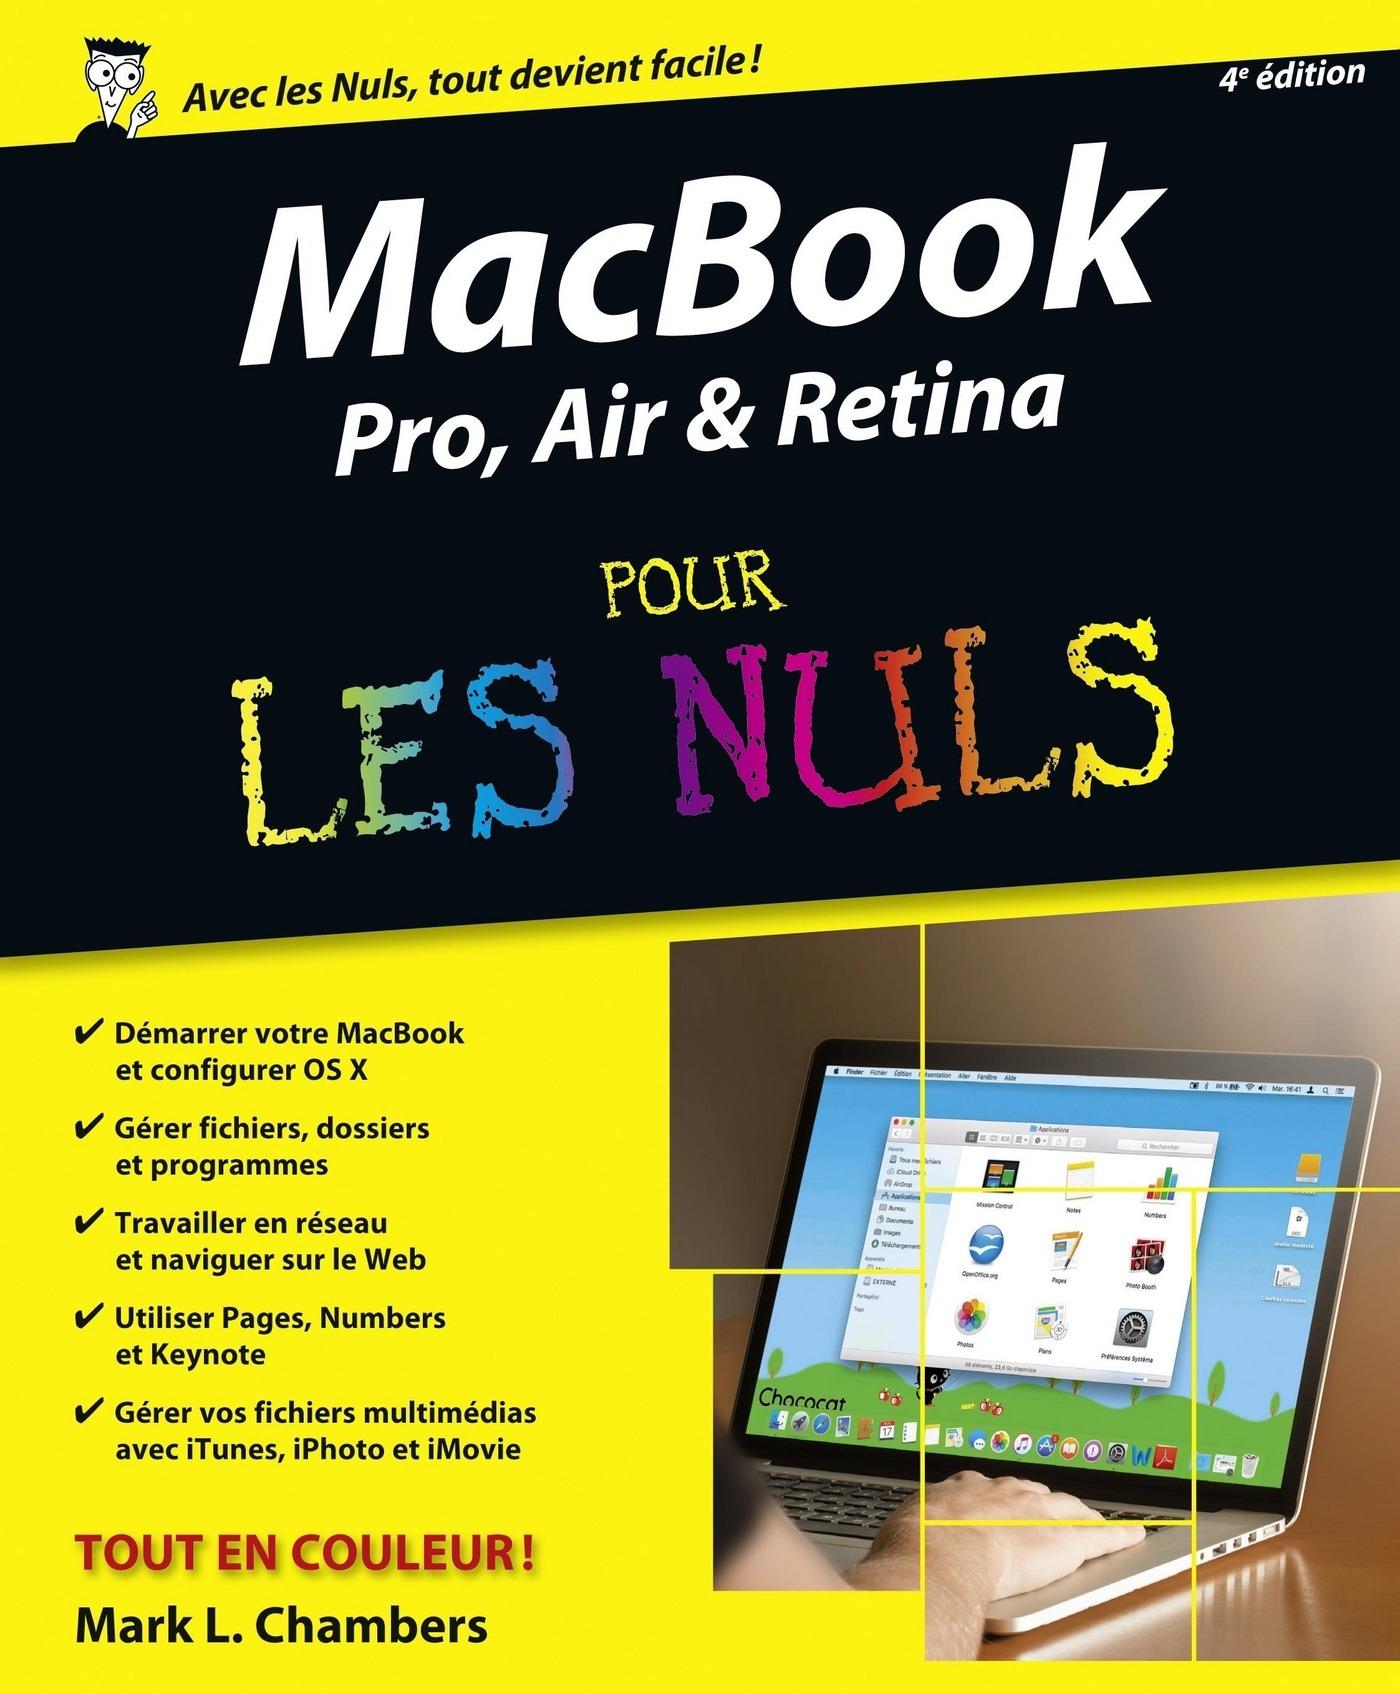 MacBook Pro, Air & Retina pour les Nuls, 4e édition (ebook)